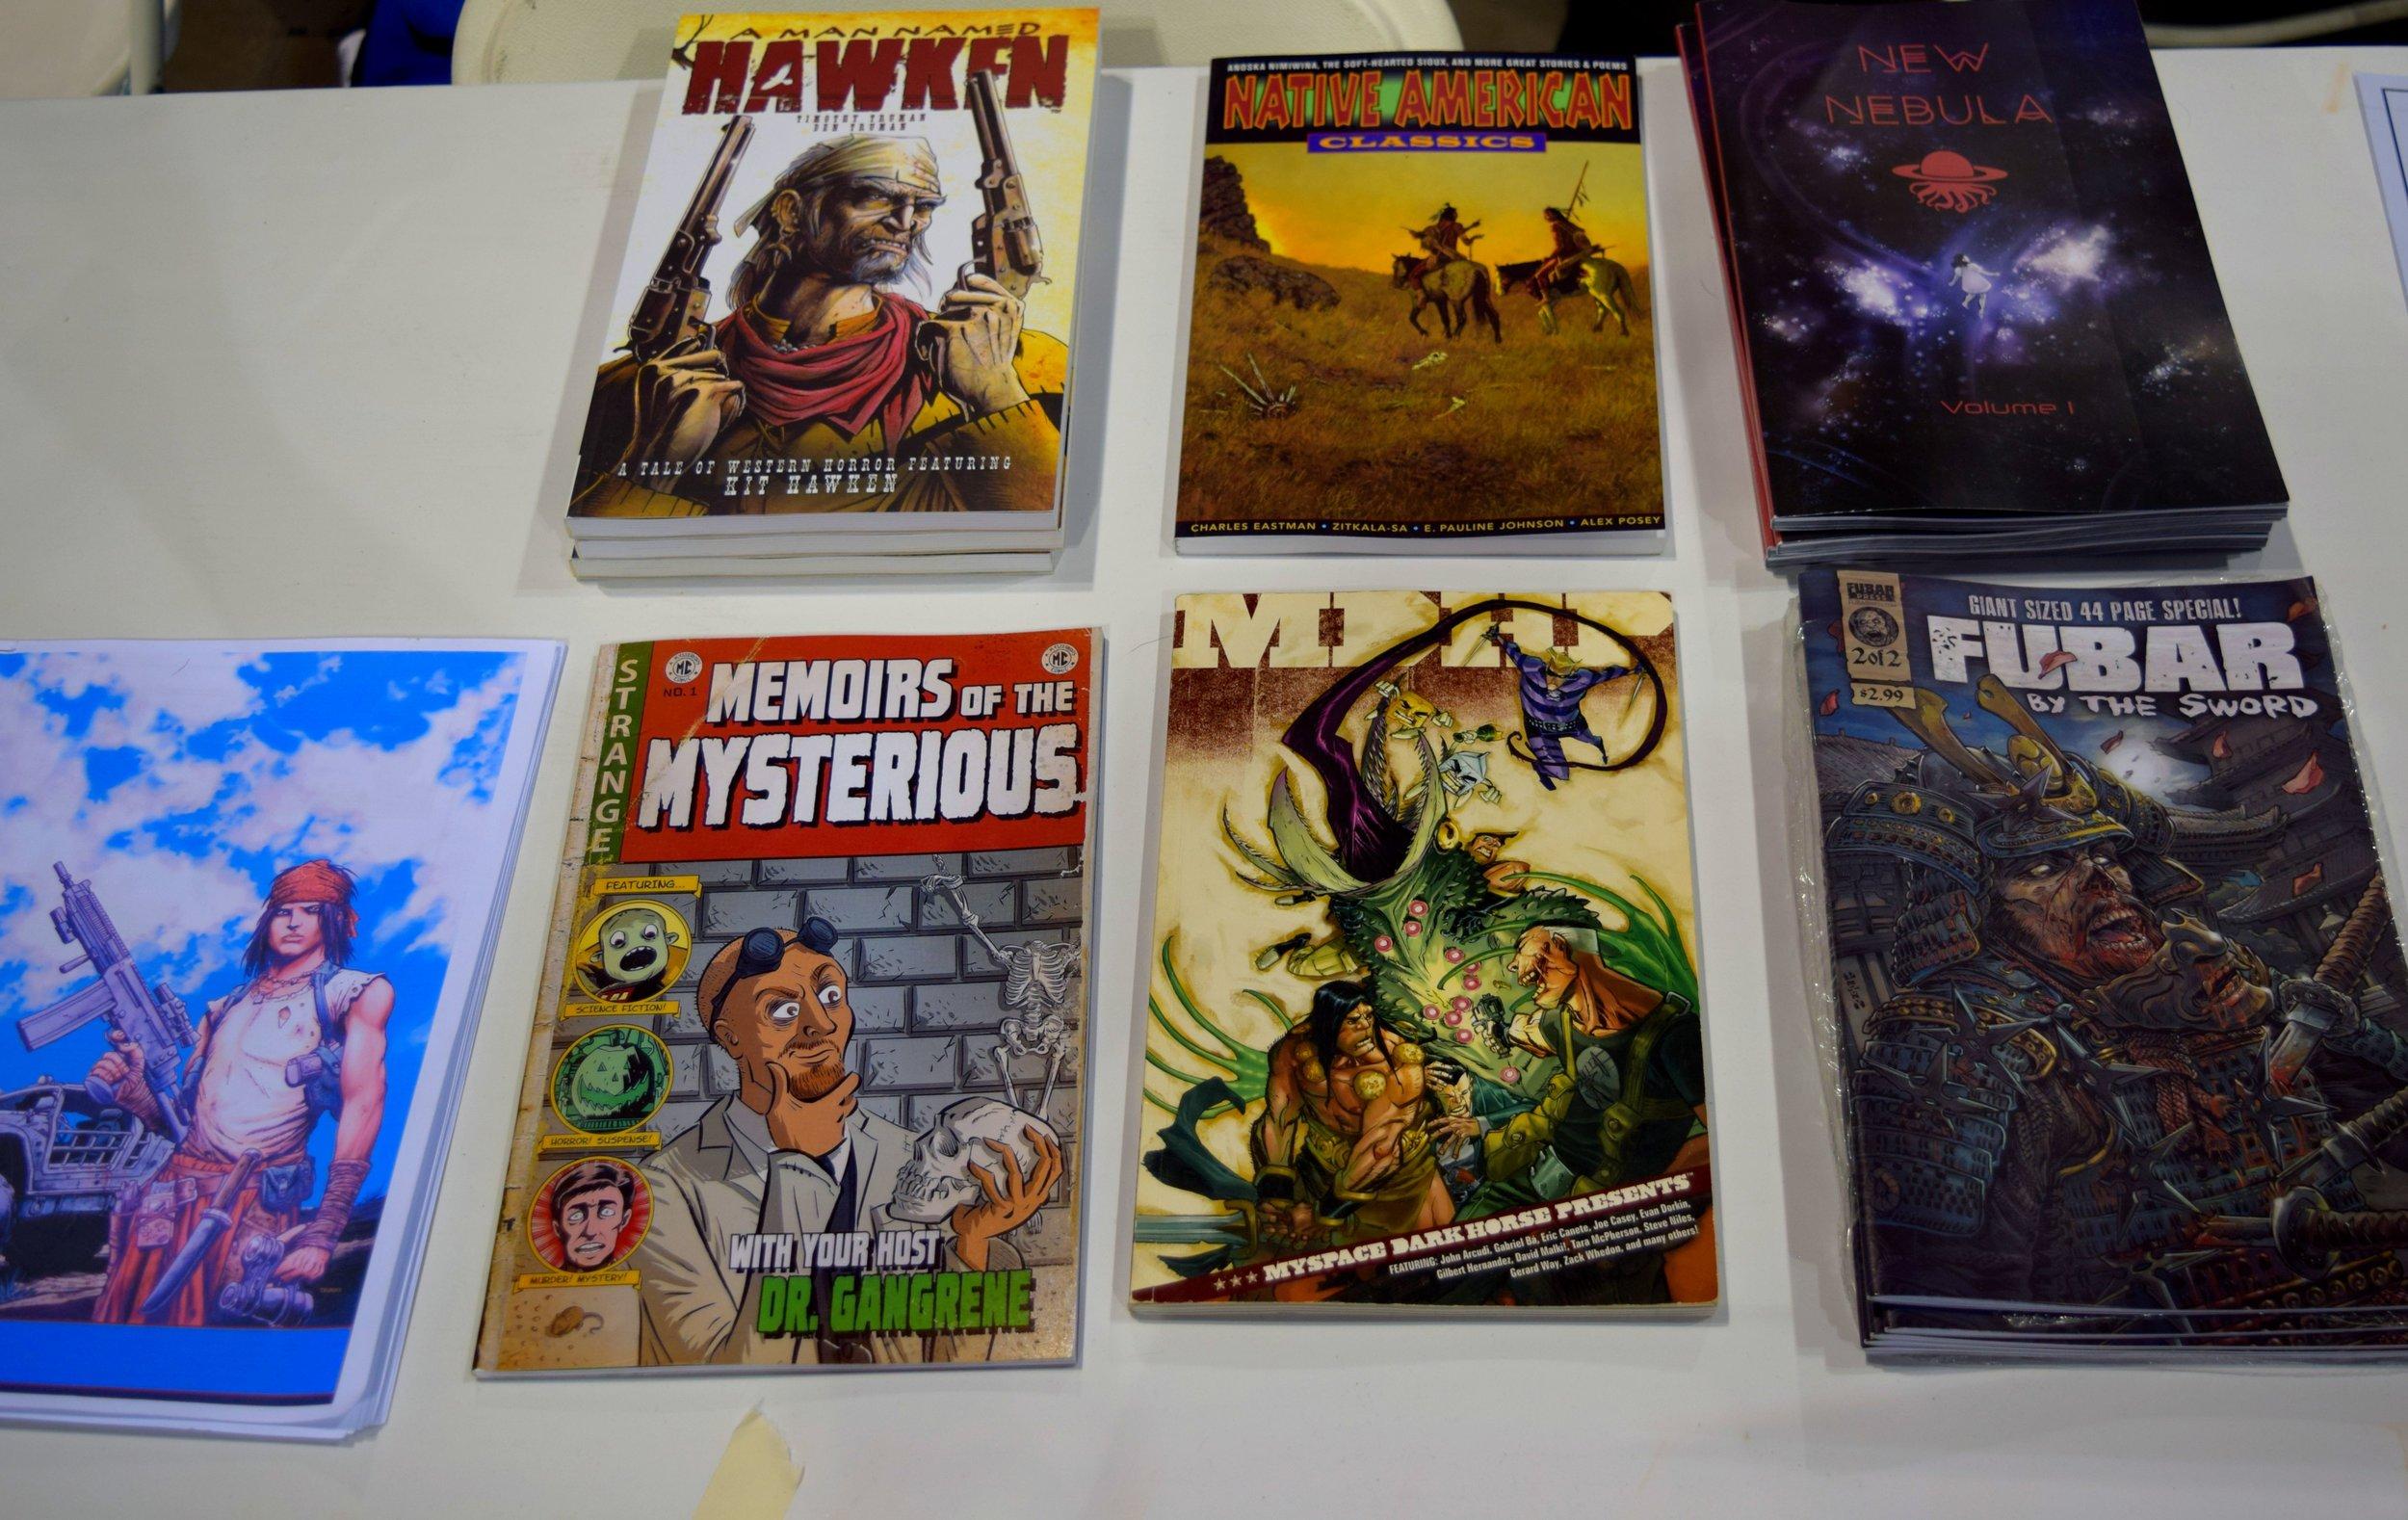 Ben Truman's comics at Denver Comic Con 2016.